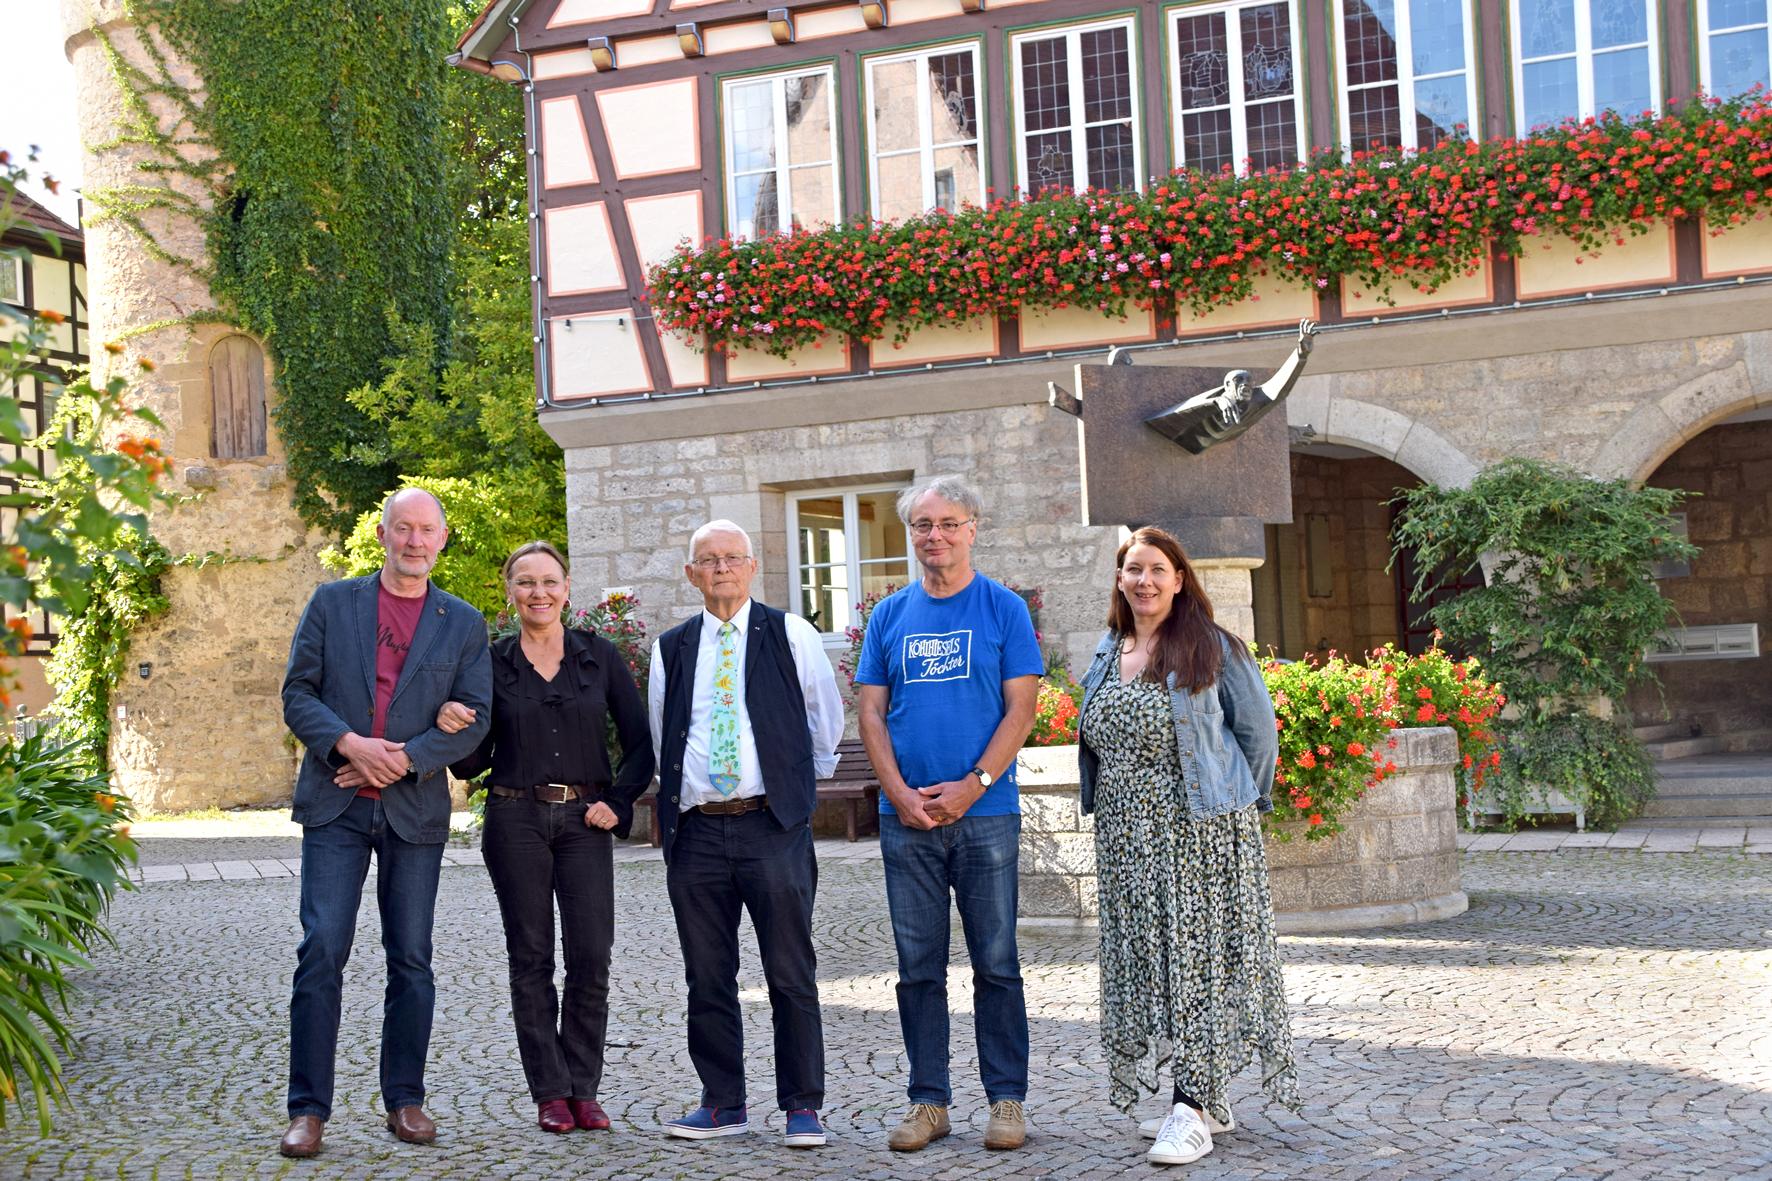 Die neuen Gottlob-Haag-Ringträger Peter und Maria Warkentin (links) neben ihren Vorgängern Thilo Pohle und Norbert Bach. Sandra Neckermann (rechts) vom Kulturamt Niederstetten organisiert die Veranstaltung zur Übergabe. Foto: am